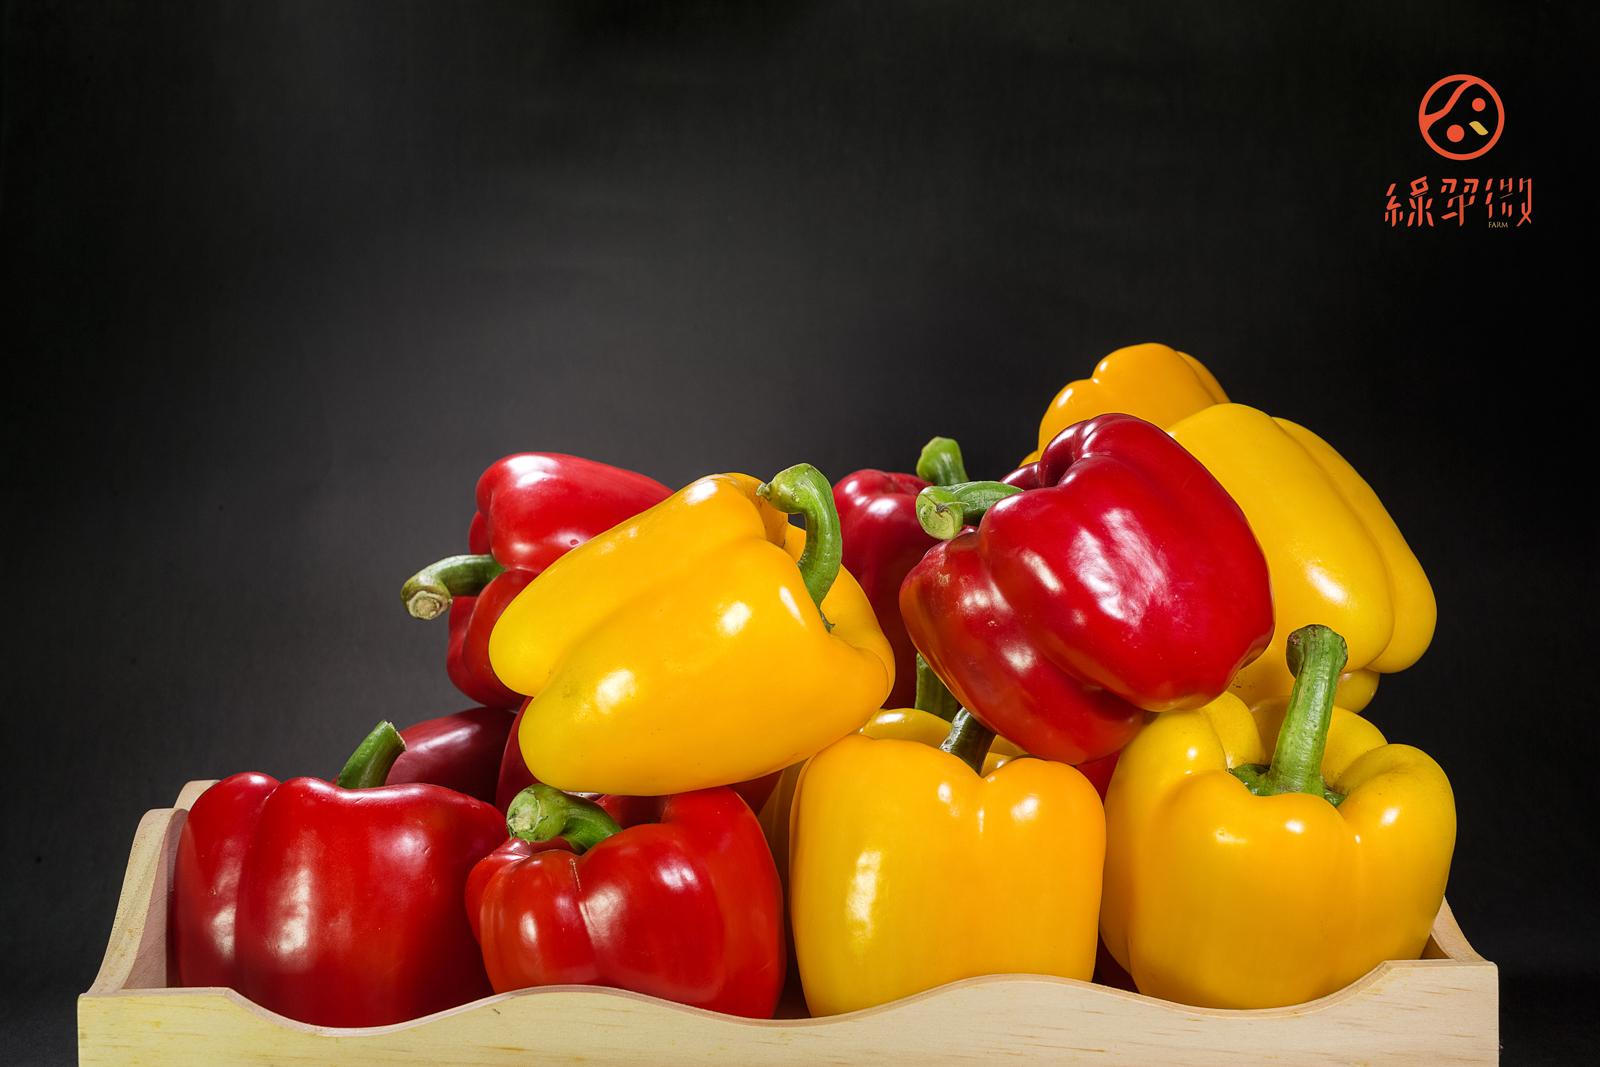 紅黃甜椒 (2)